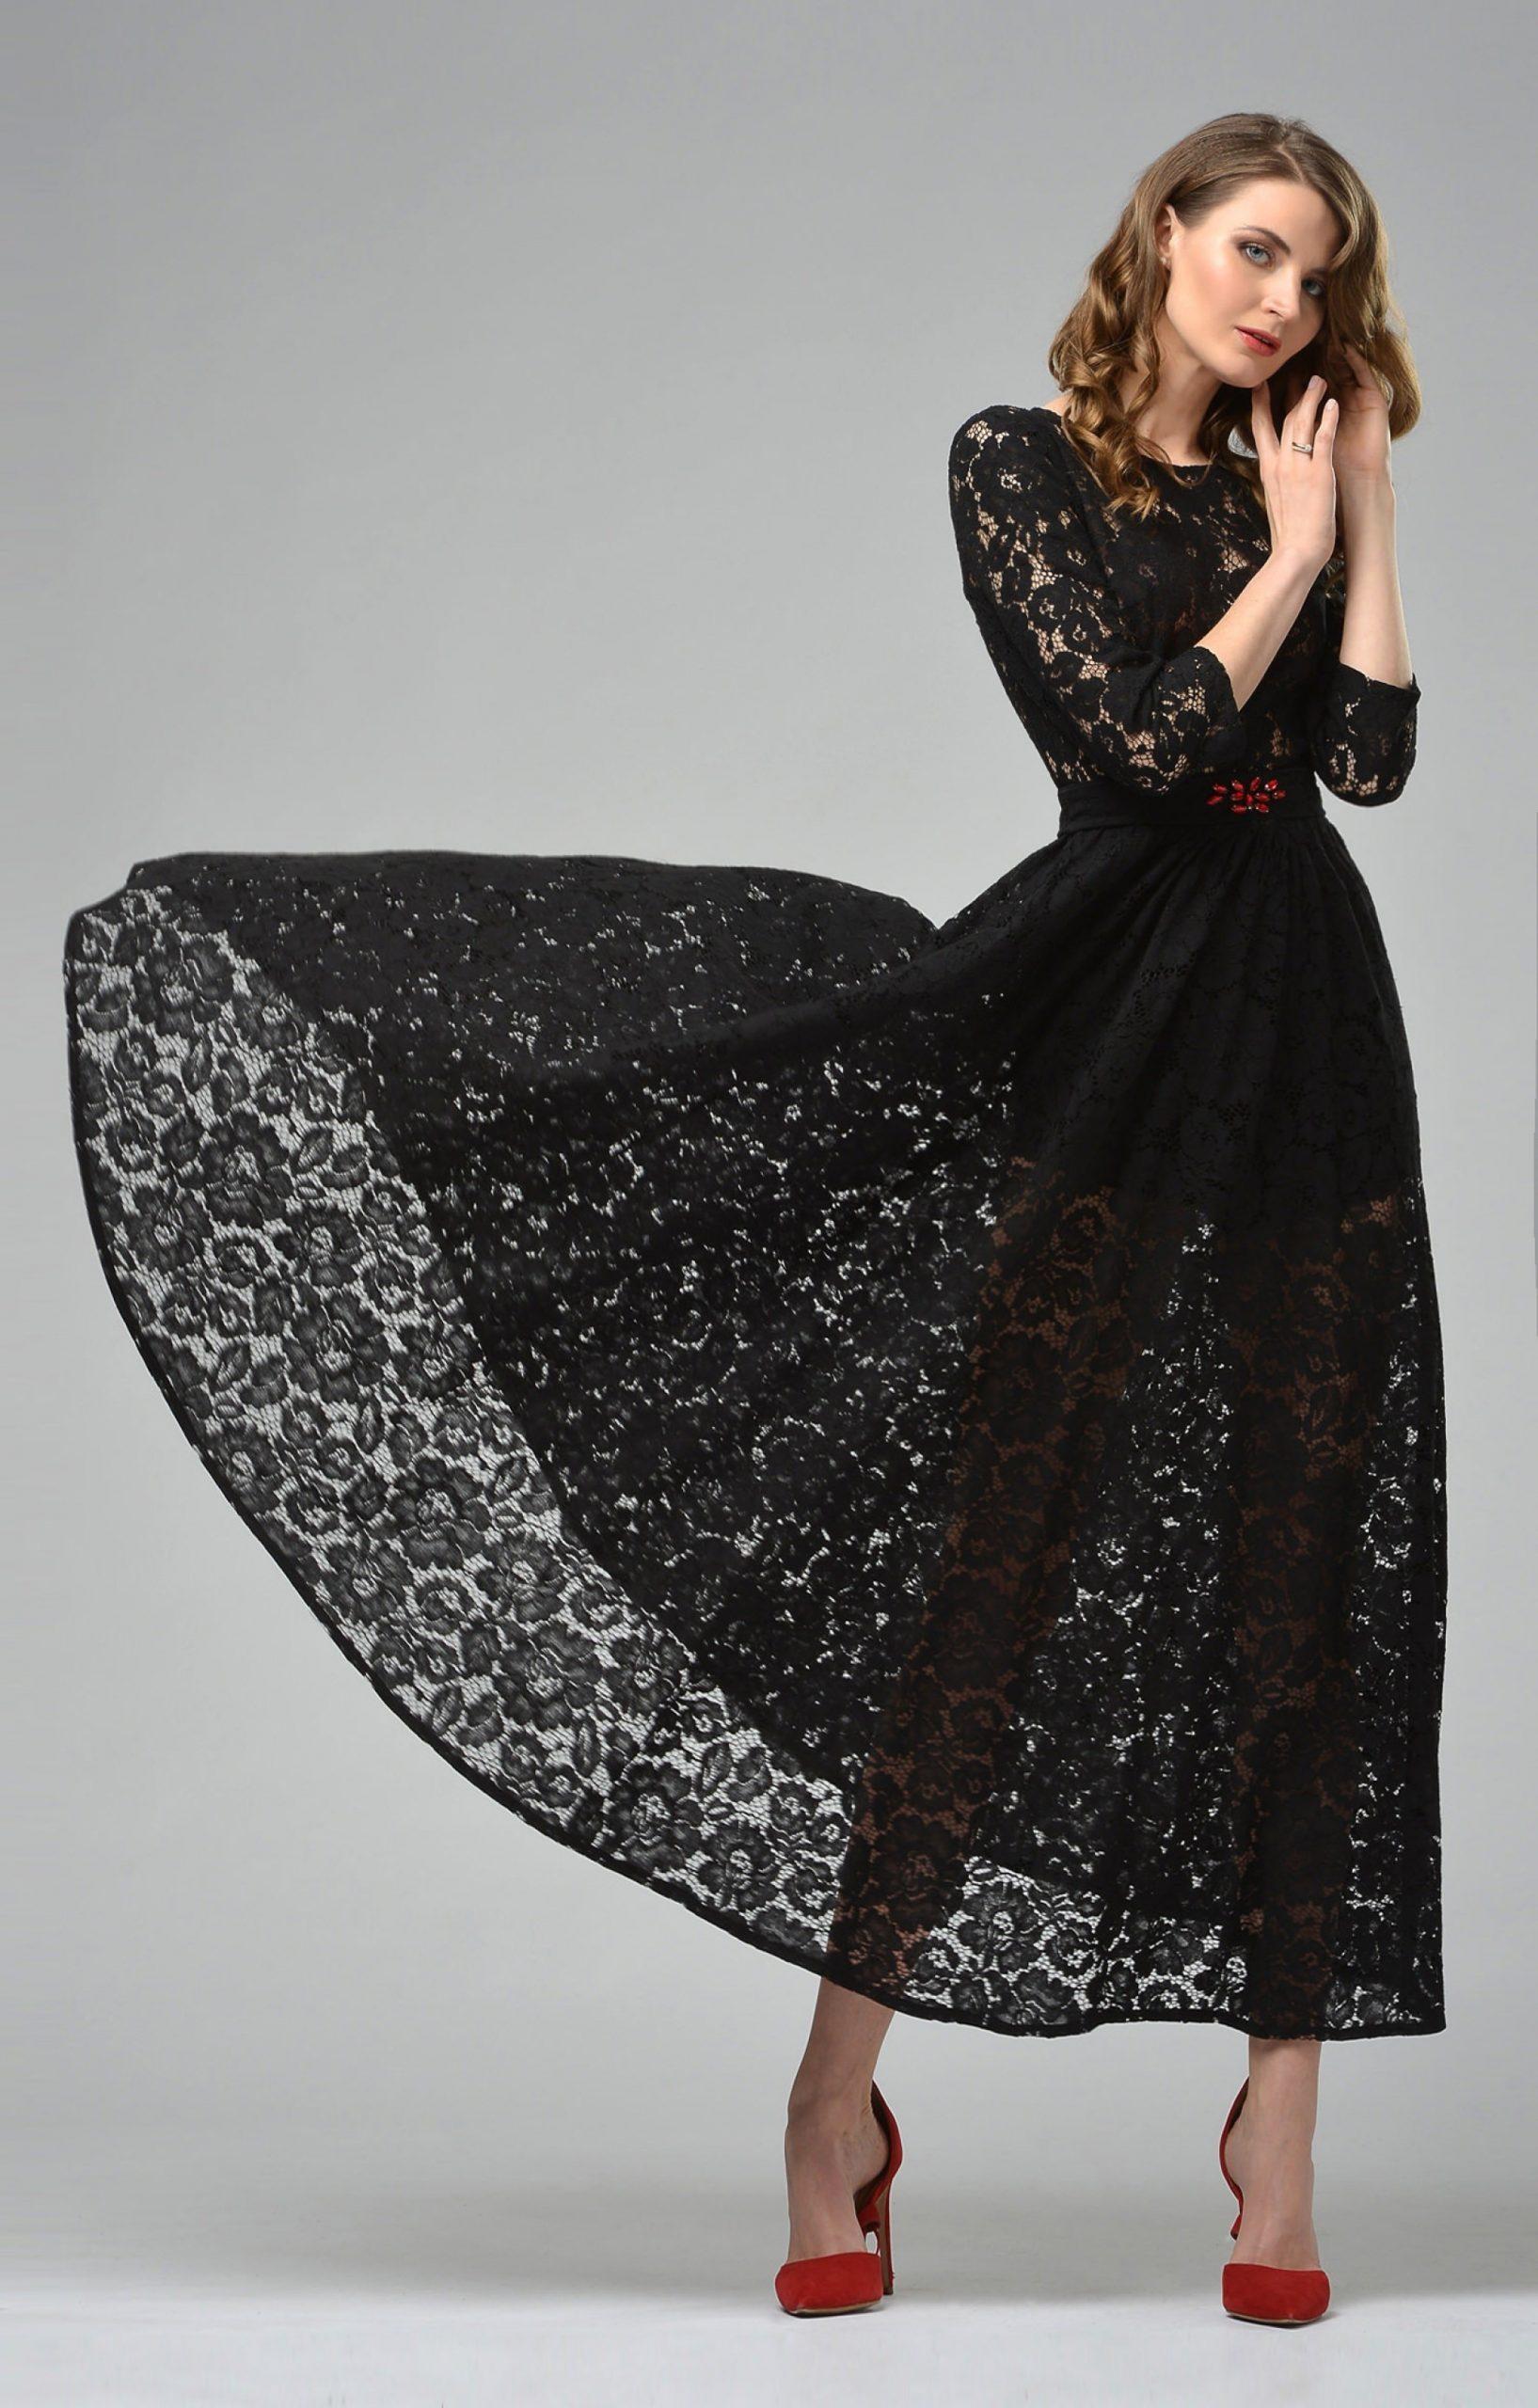 Designer Großartig Abendkleider Bei Zara Bester Preis15 Coolste Abendkleider Bei Zara Ärmel